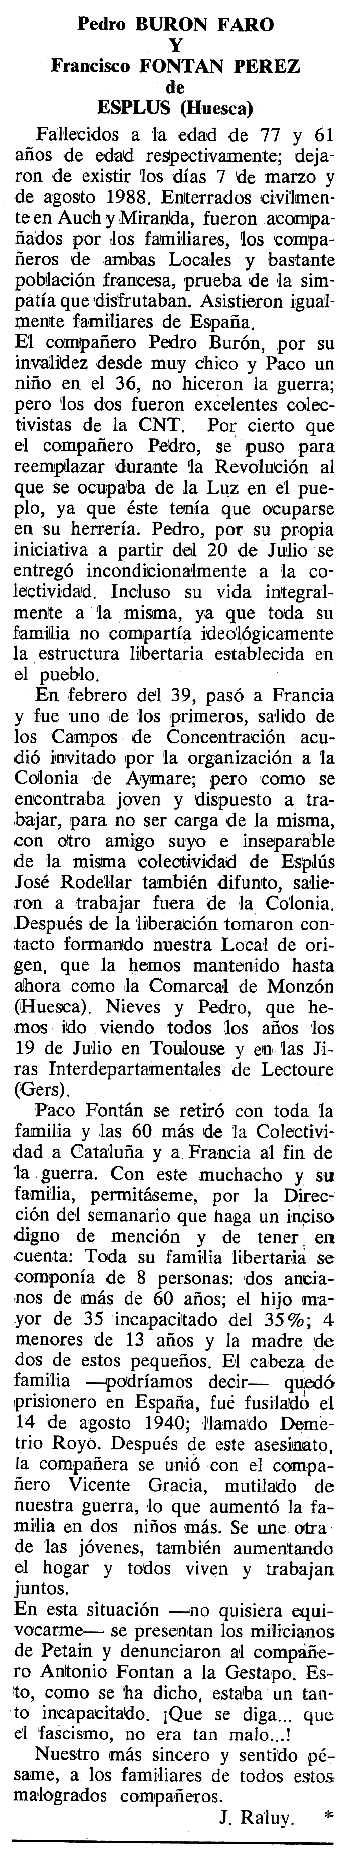 """Necrològica de Pedro Burón Faro apareguda en el periódic tolsà """"Cenit"""" de l'11 d'abril de 1989"""